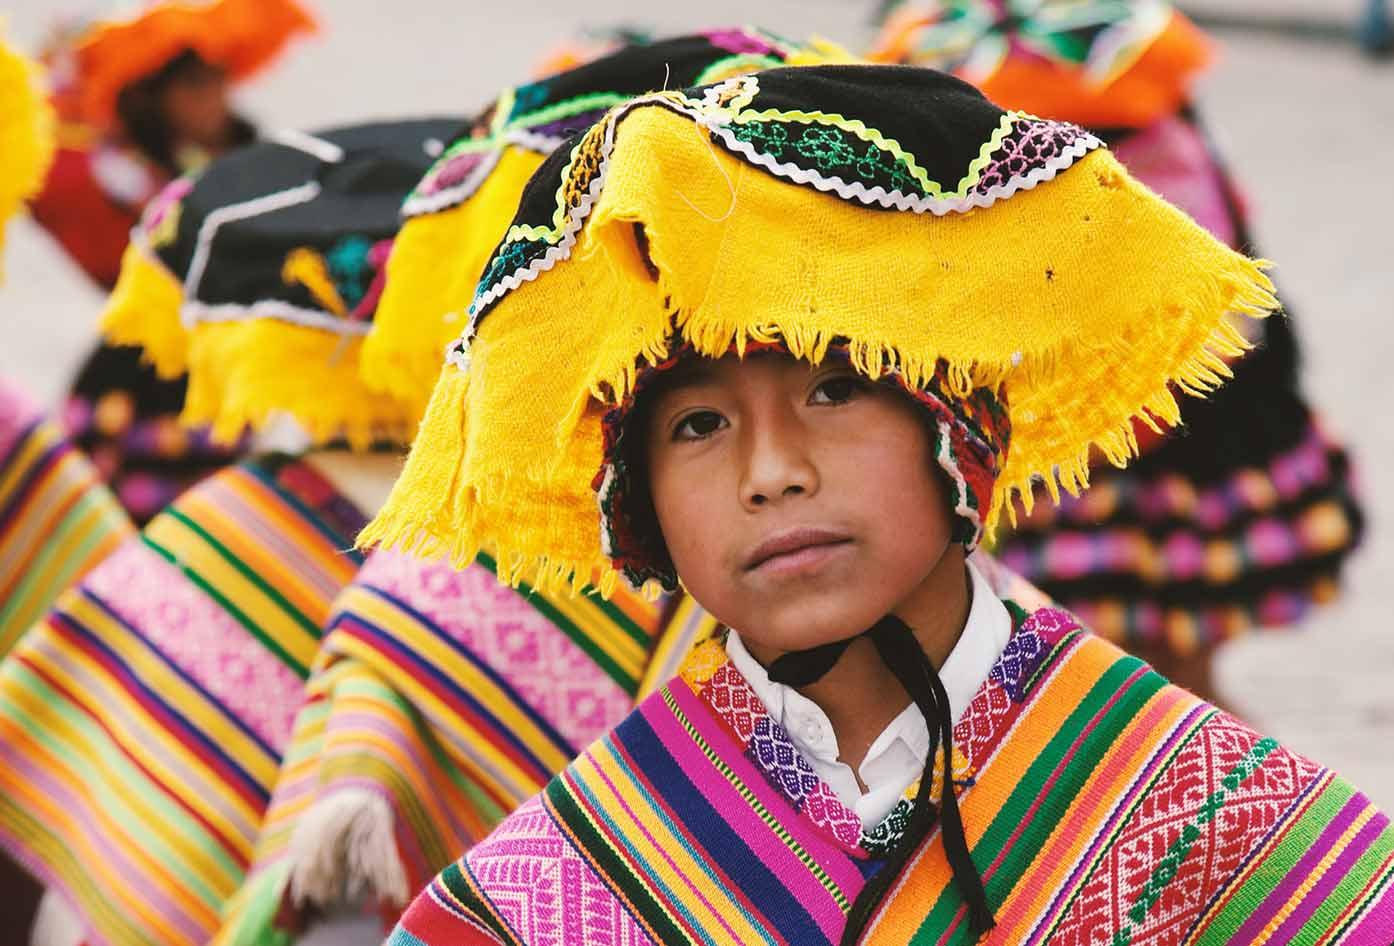 festival in peru